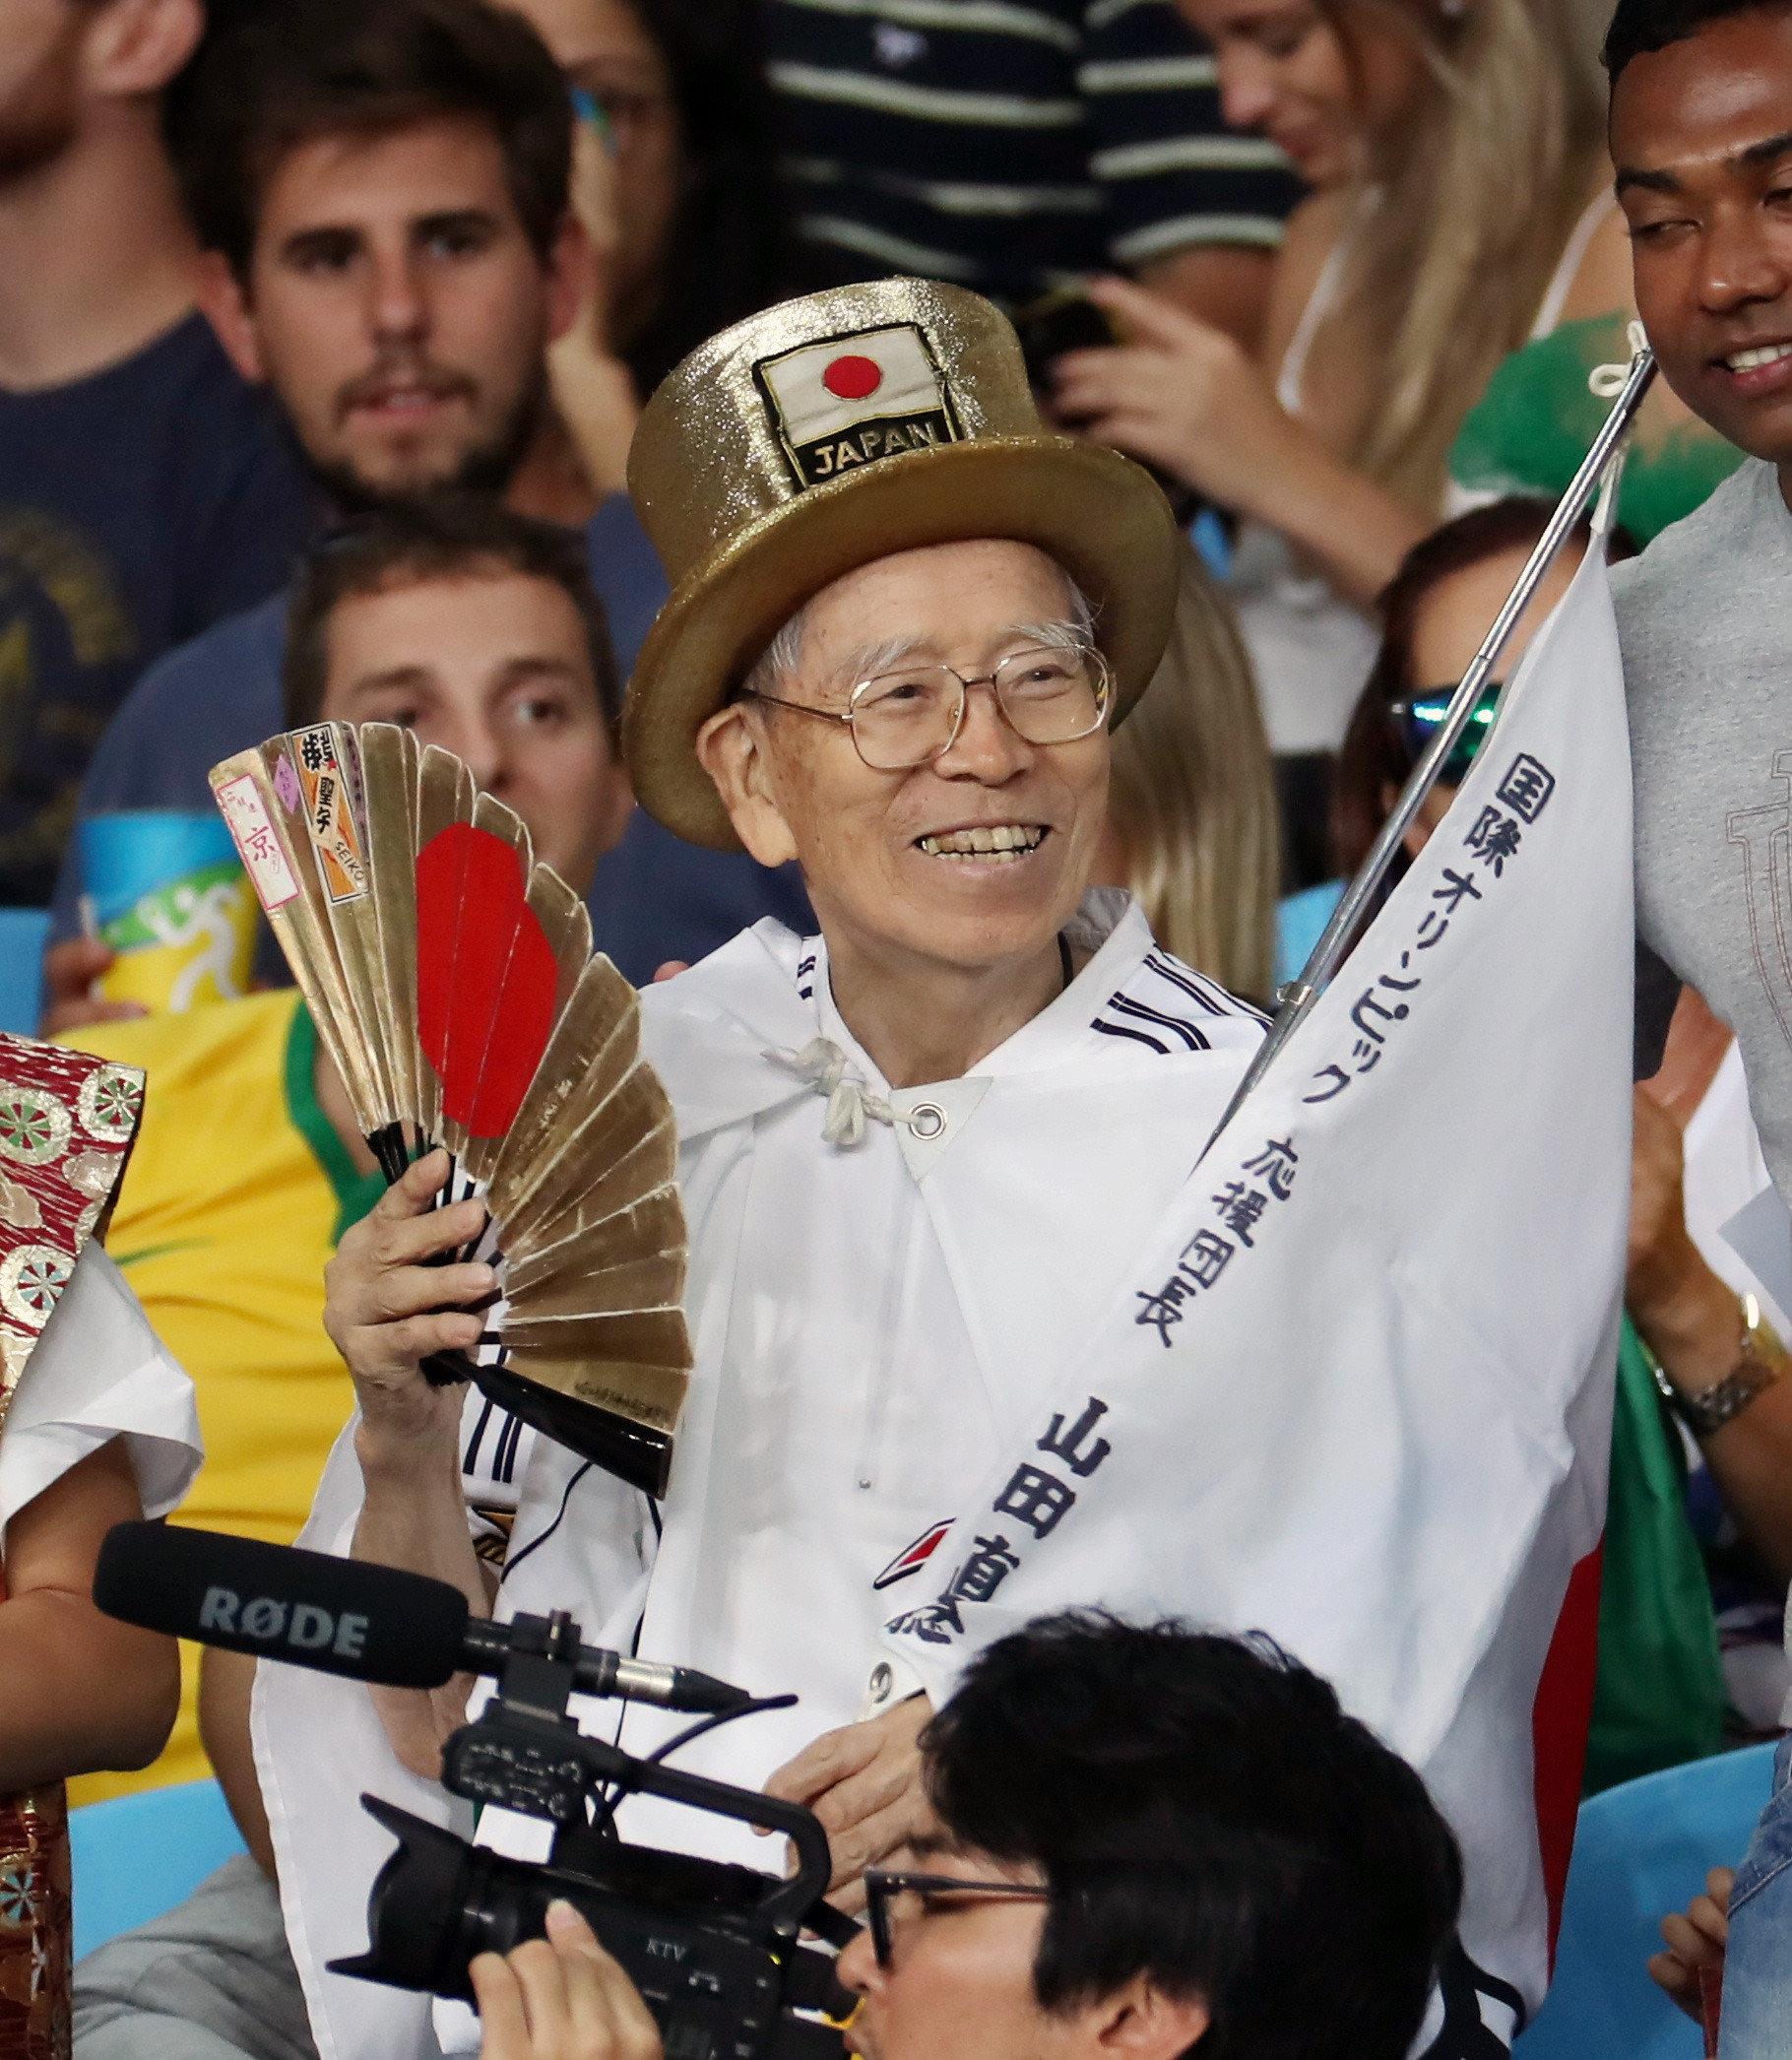 吉田沙保里さん、福原愛さん、IOC会長も……2020年を目前に亡くなったオリンピックおじさんへ追悼のメッセージ